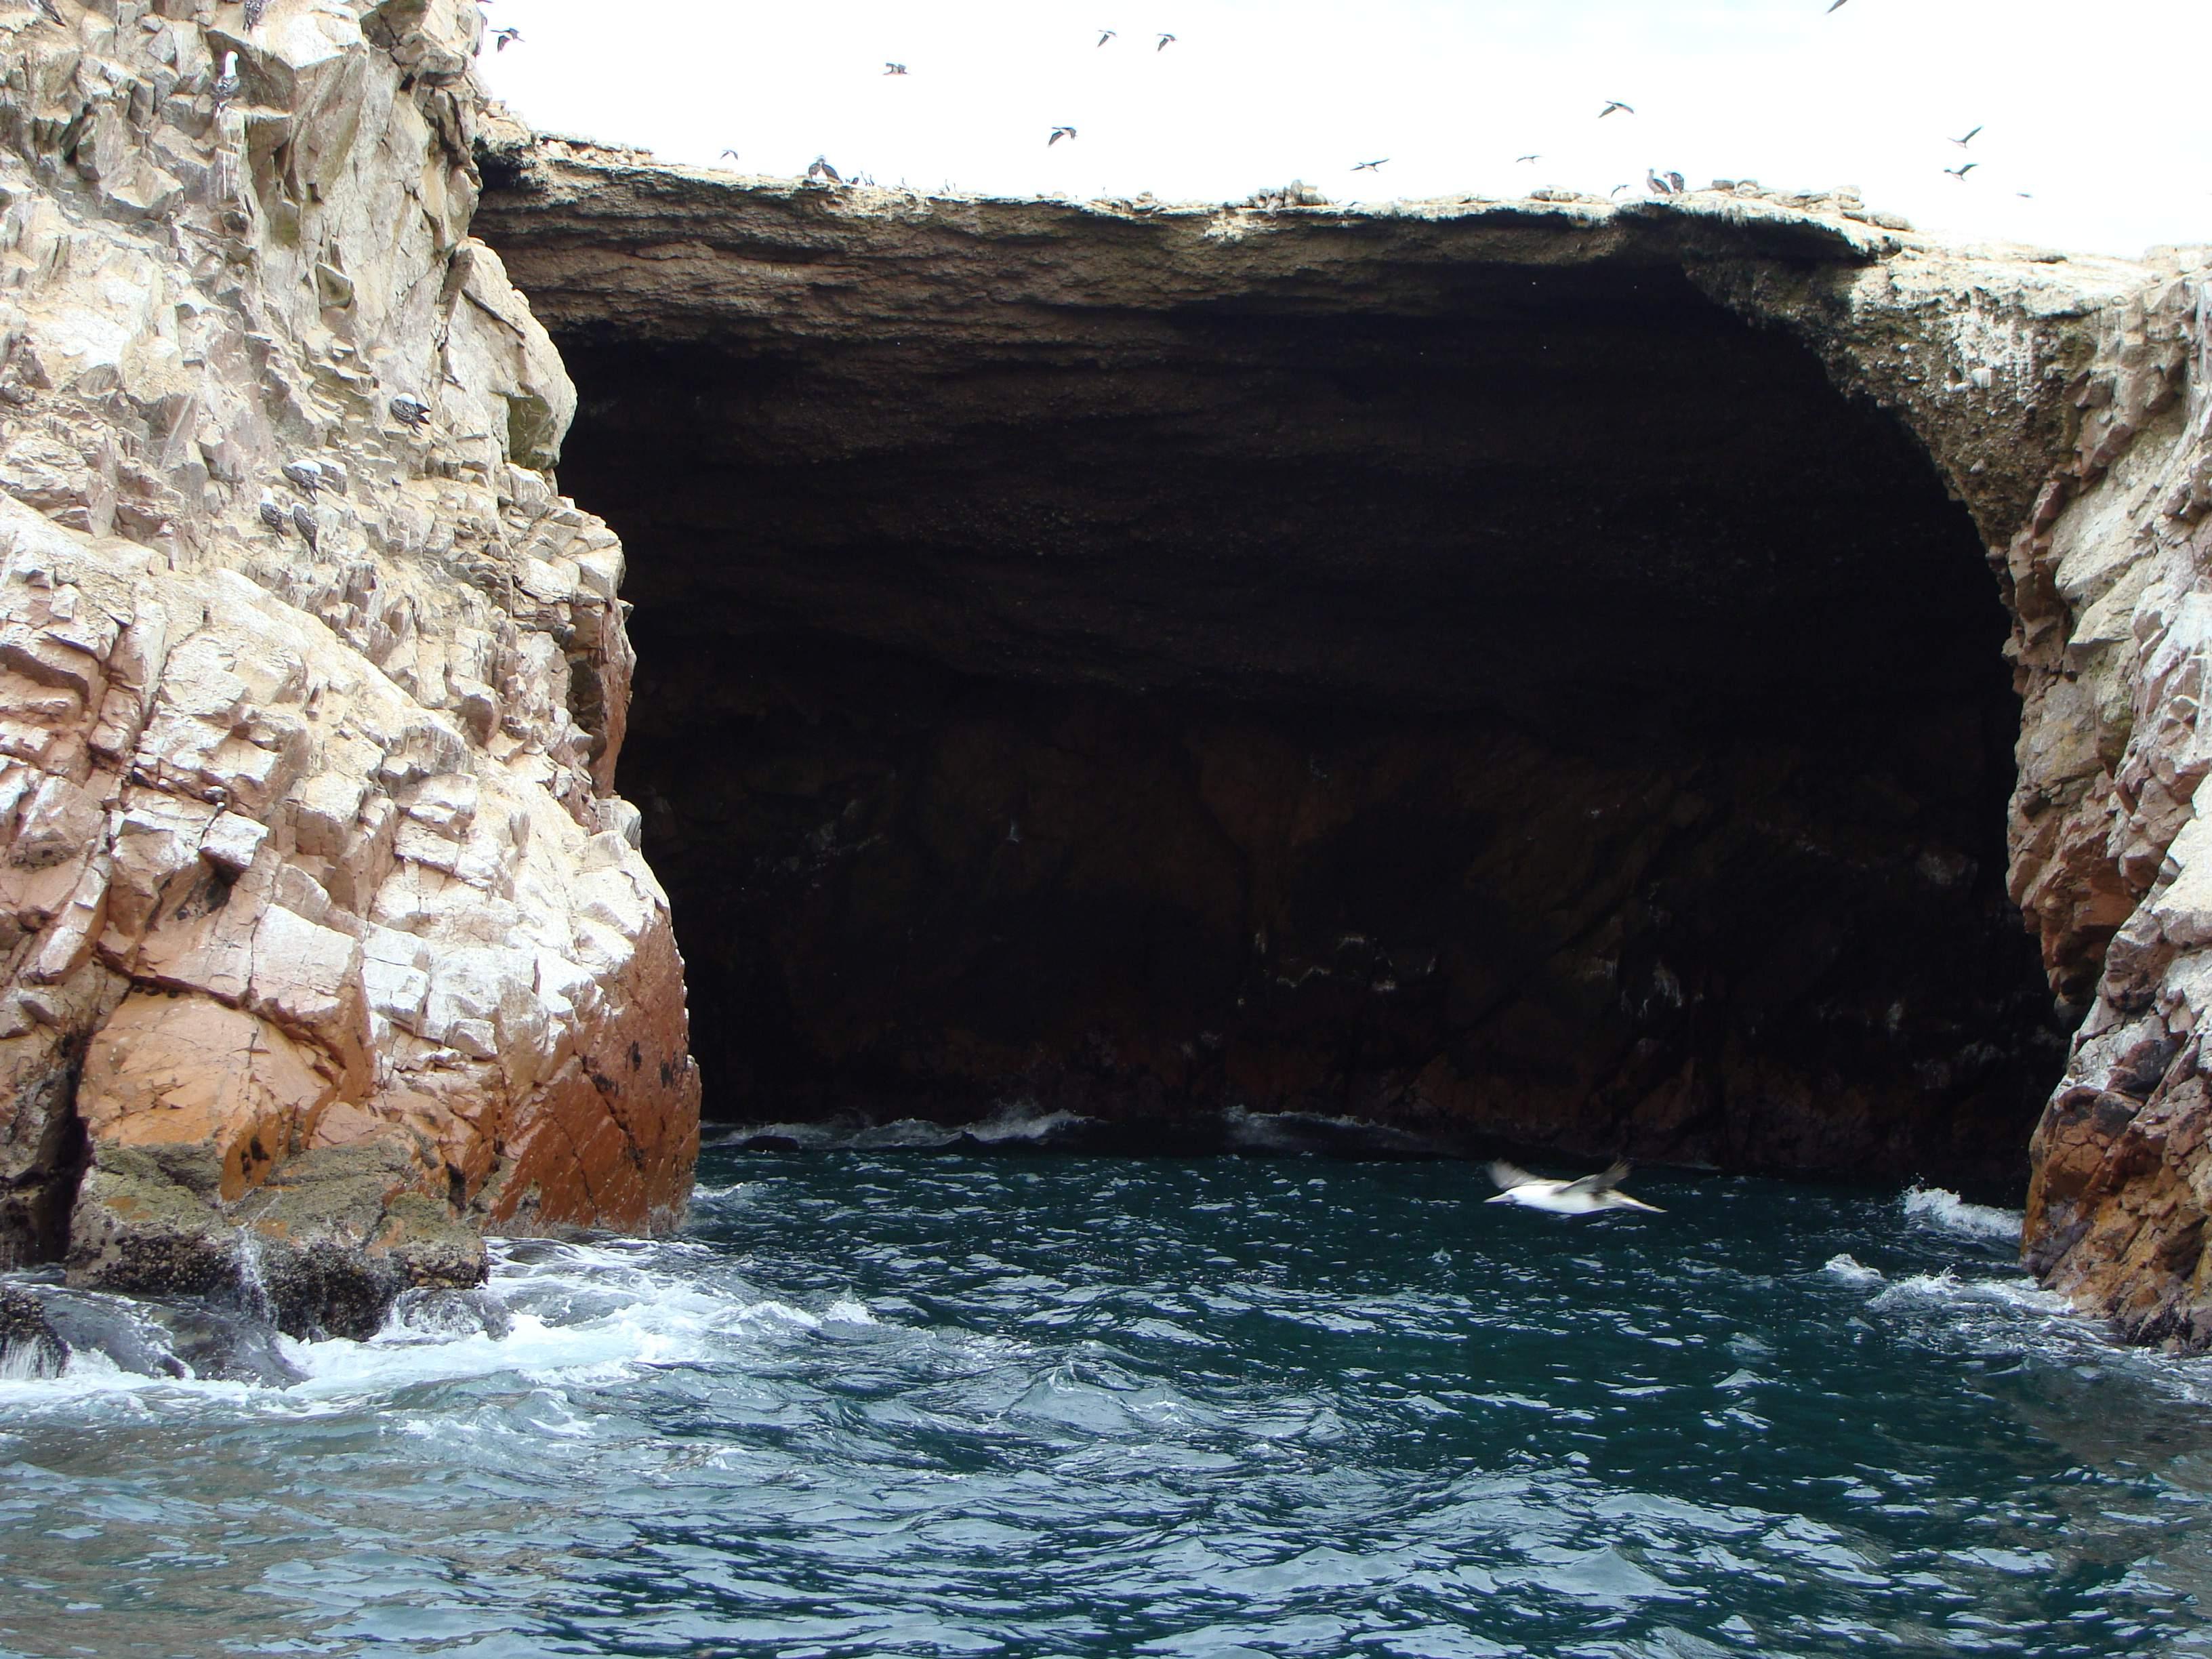 Národní Reservace Islas Balestas - biotop 22. 2. 2011